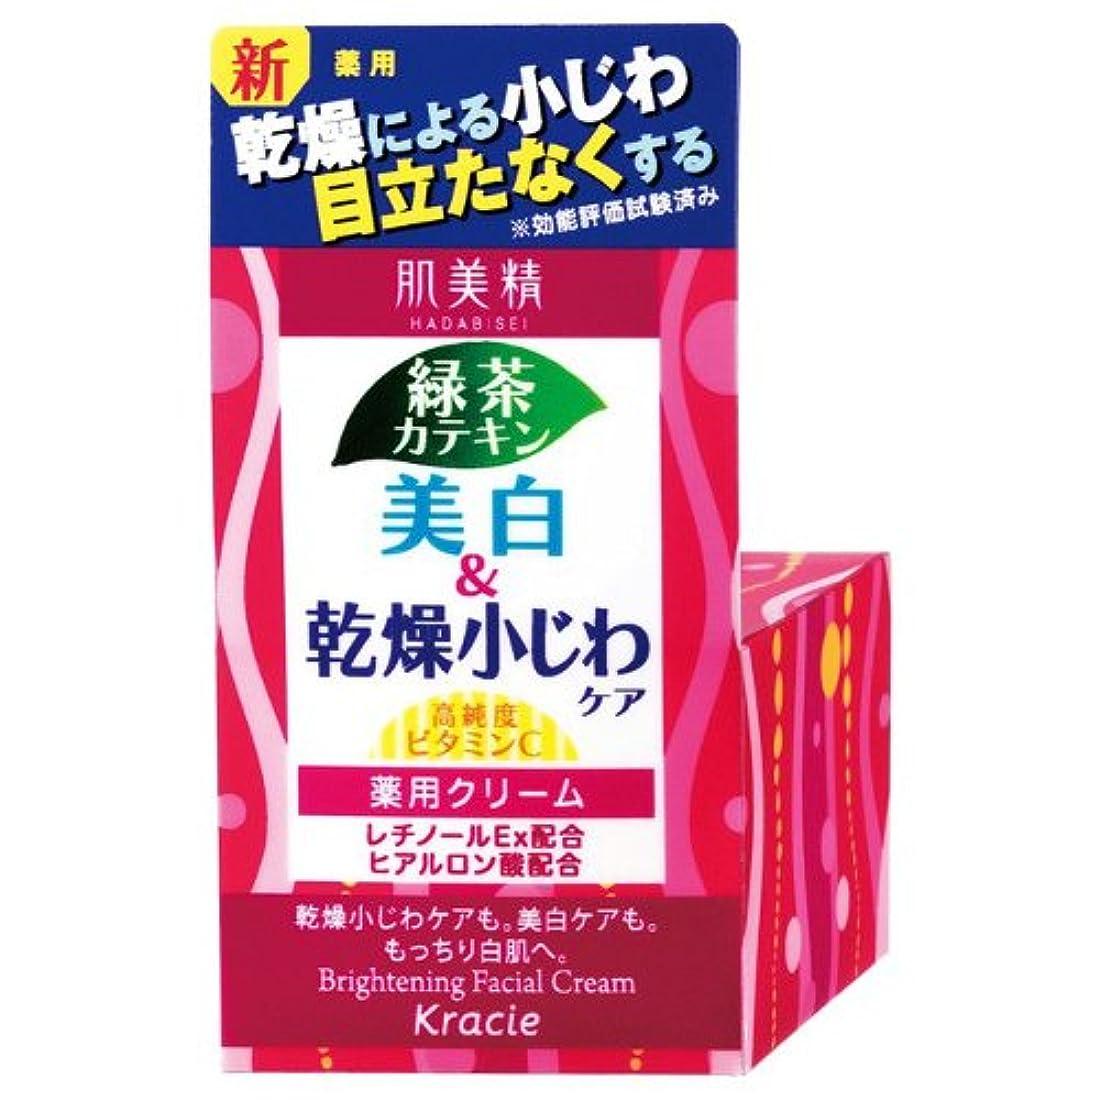 ダーリン胸バトル肌美精 薬用美白&乾燥小じわケア クリーム 50g [医薬部外品]